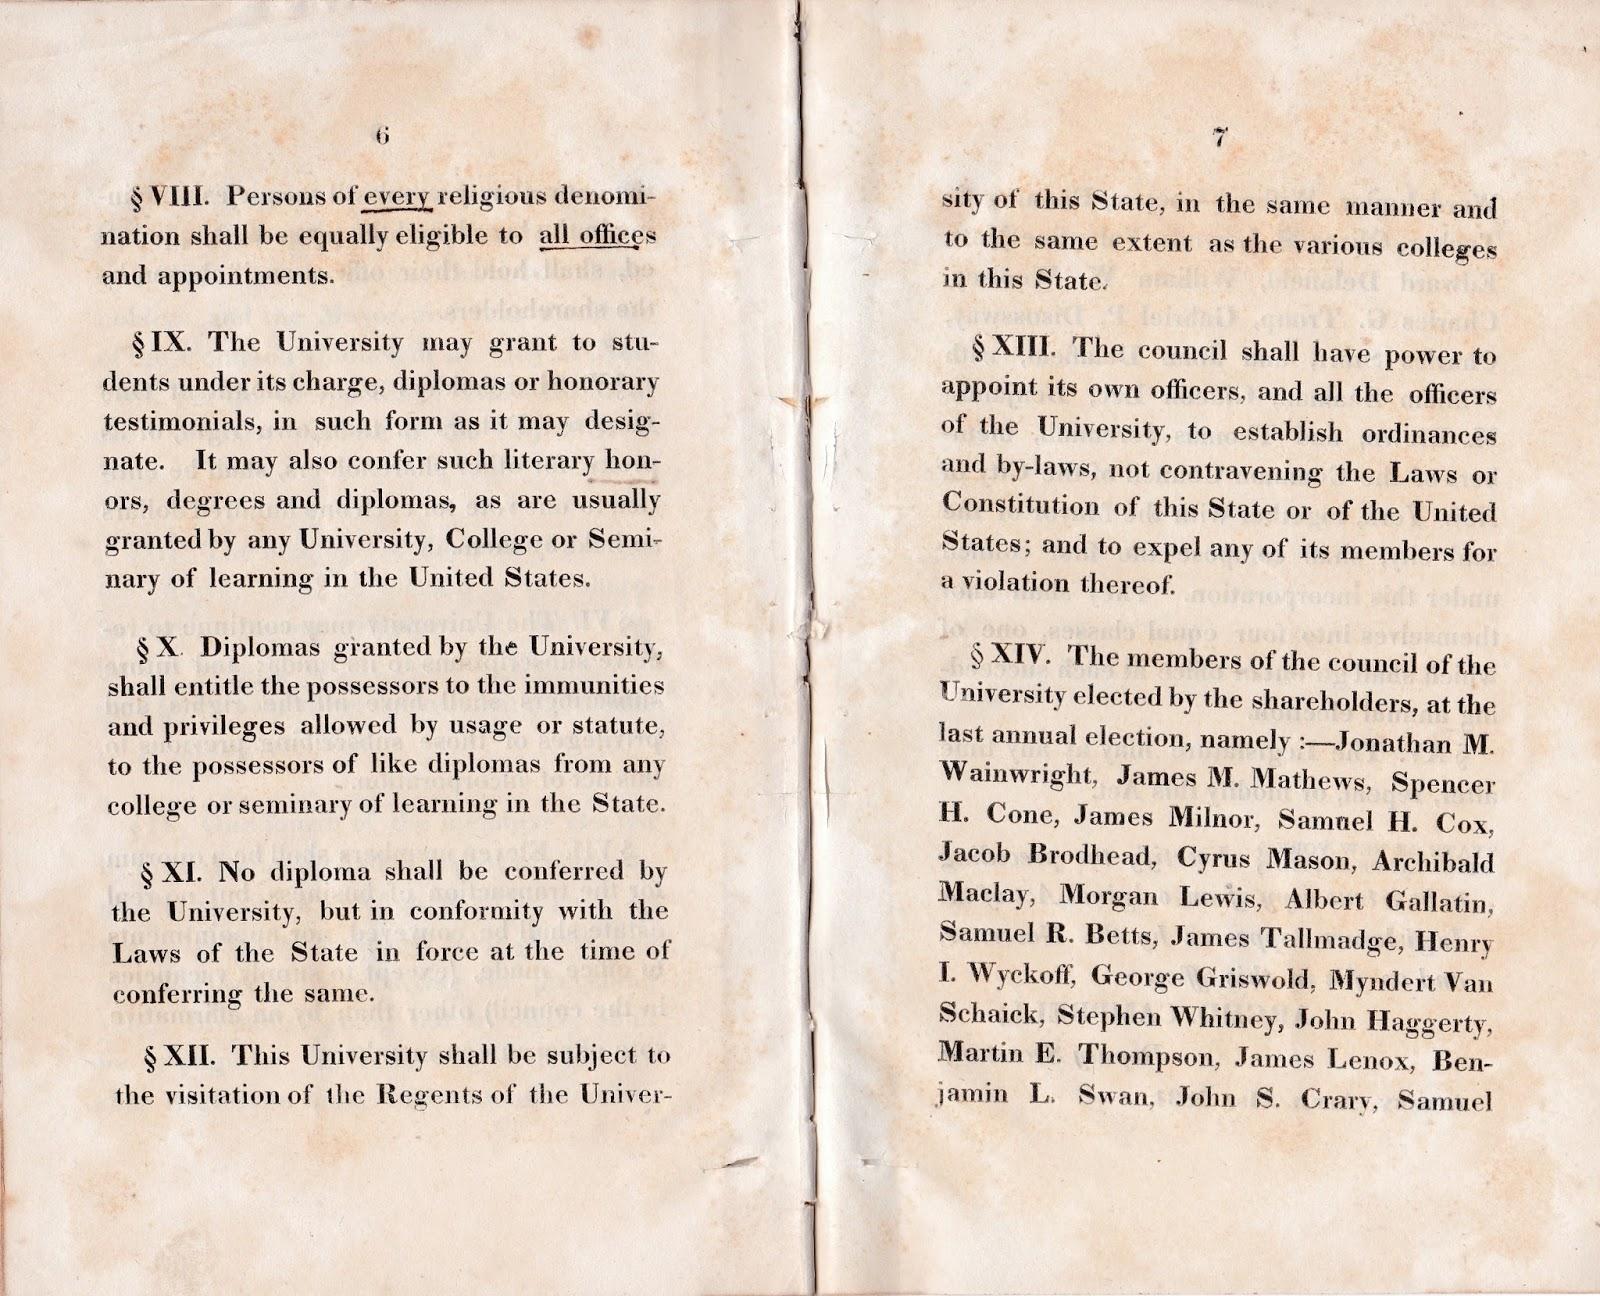 President Andrew Jackson: New York University 1831 Charter